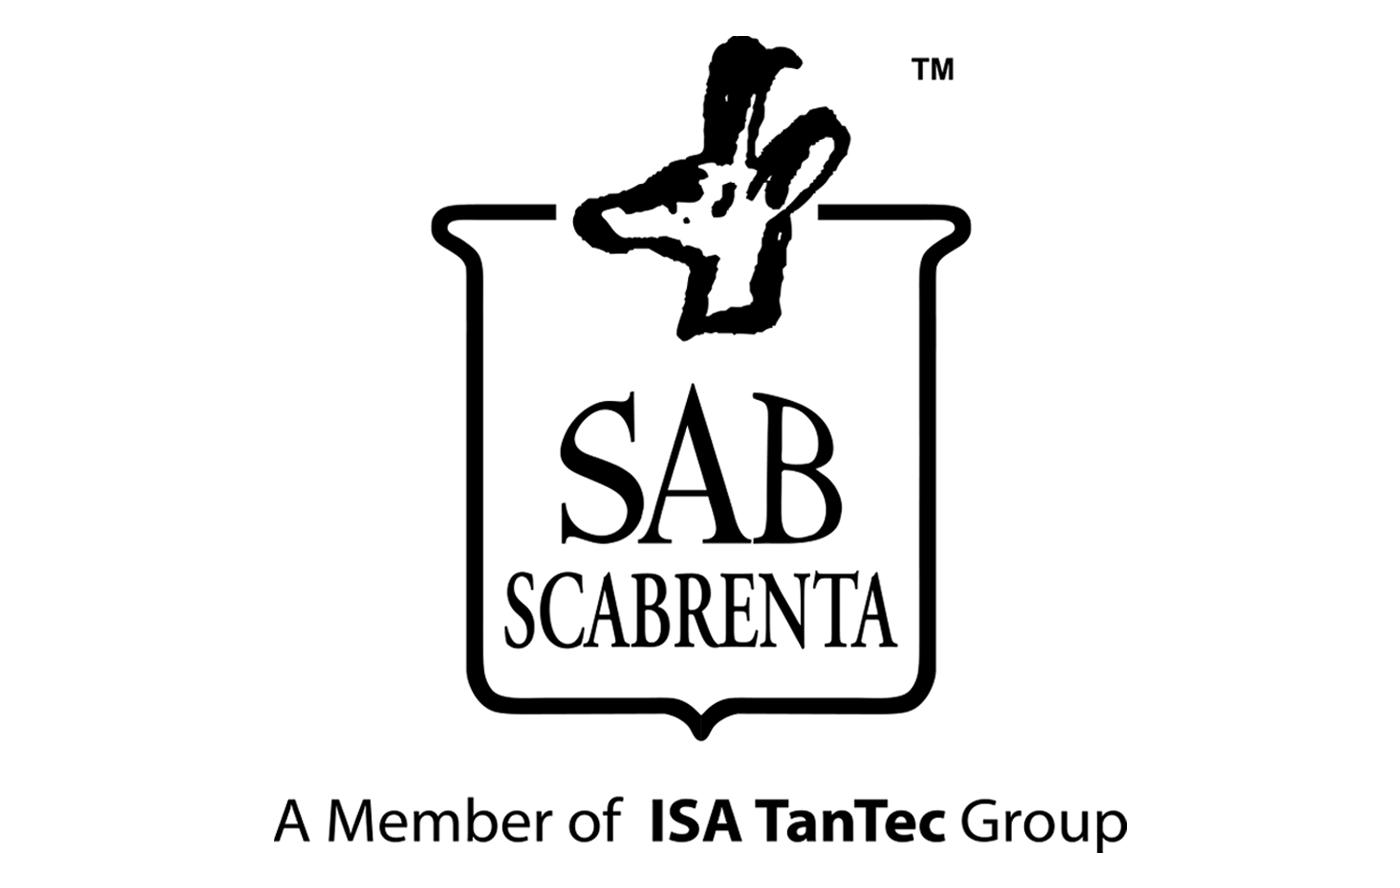 Sab Scab logo